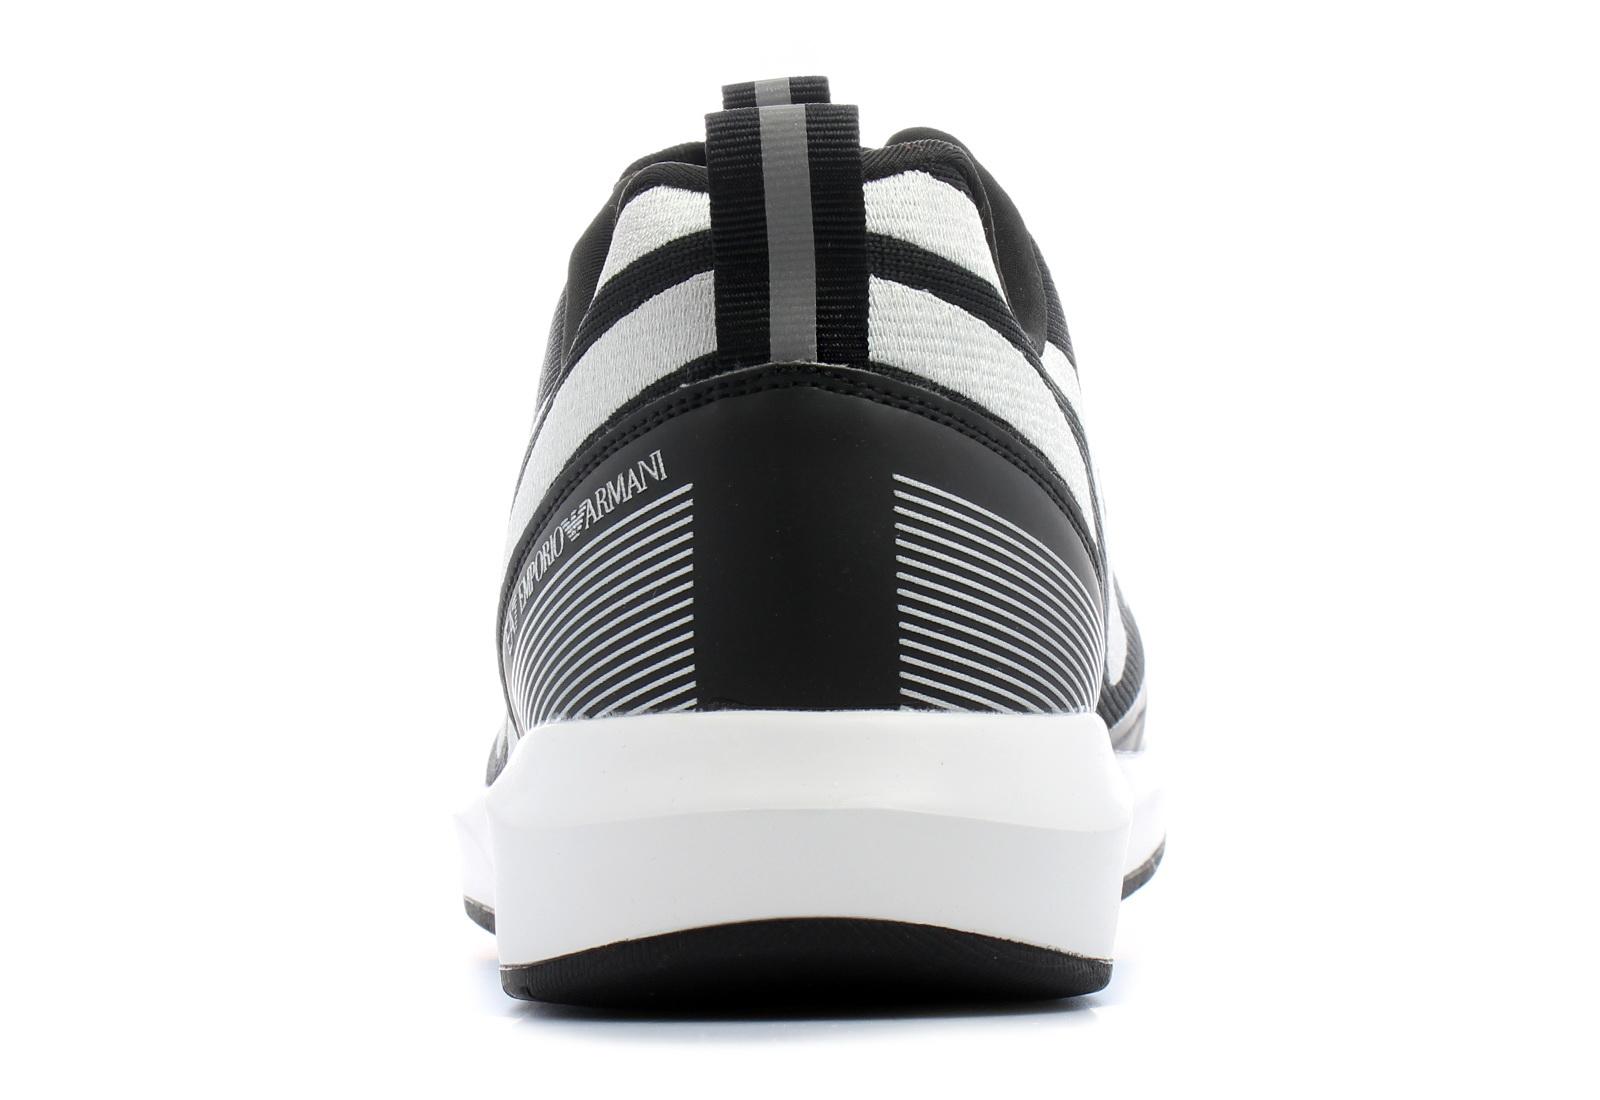 Ea7 Emporio Armani Polbuty Premium Trainer Xk054 X031 Blk Obuwie I Buty Damskie Meskie Dzieciece W Office Shoes